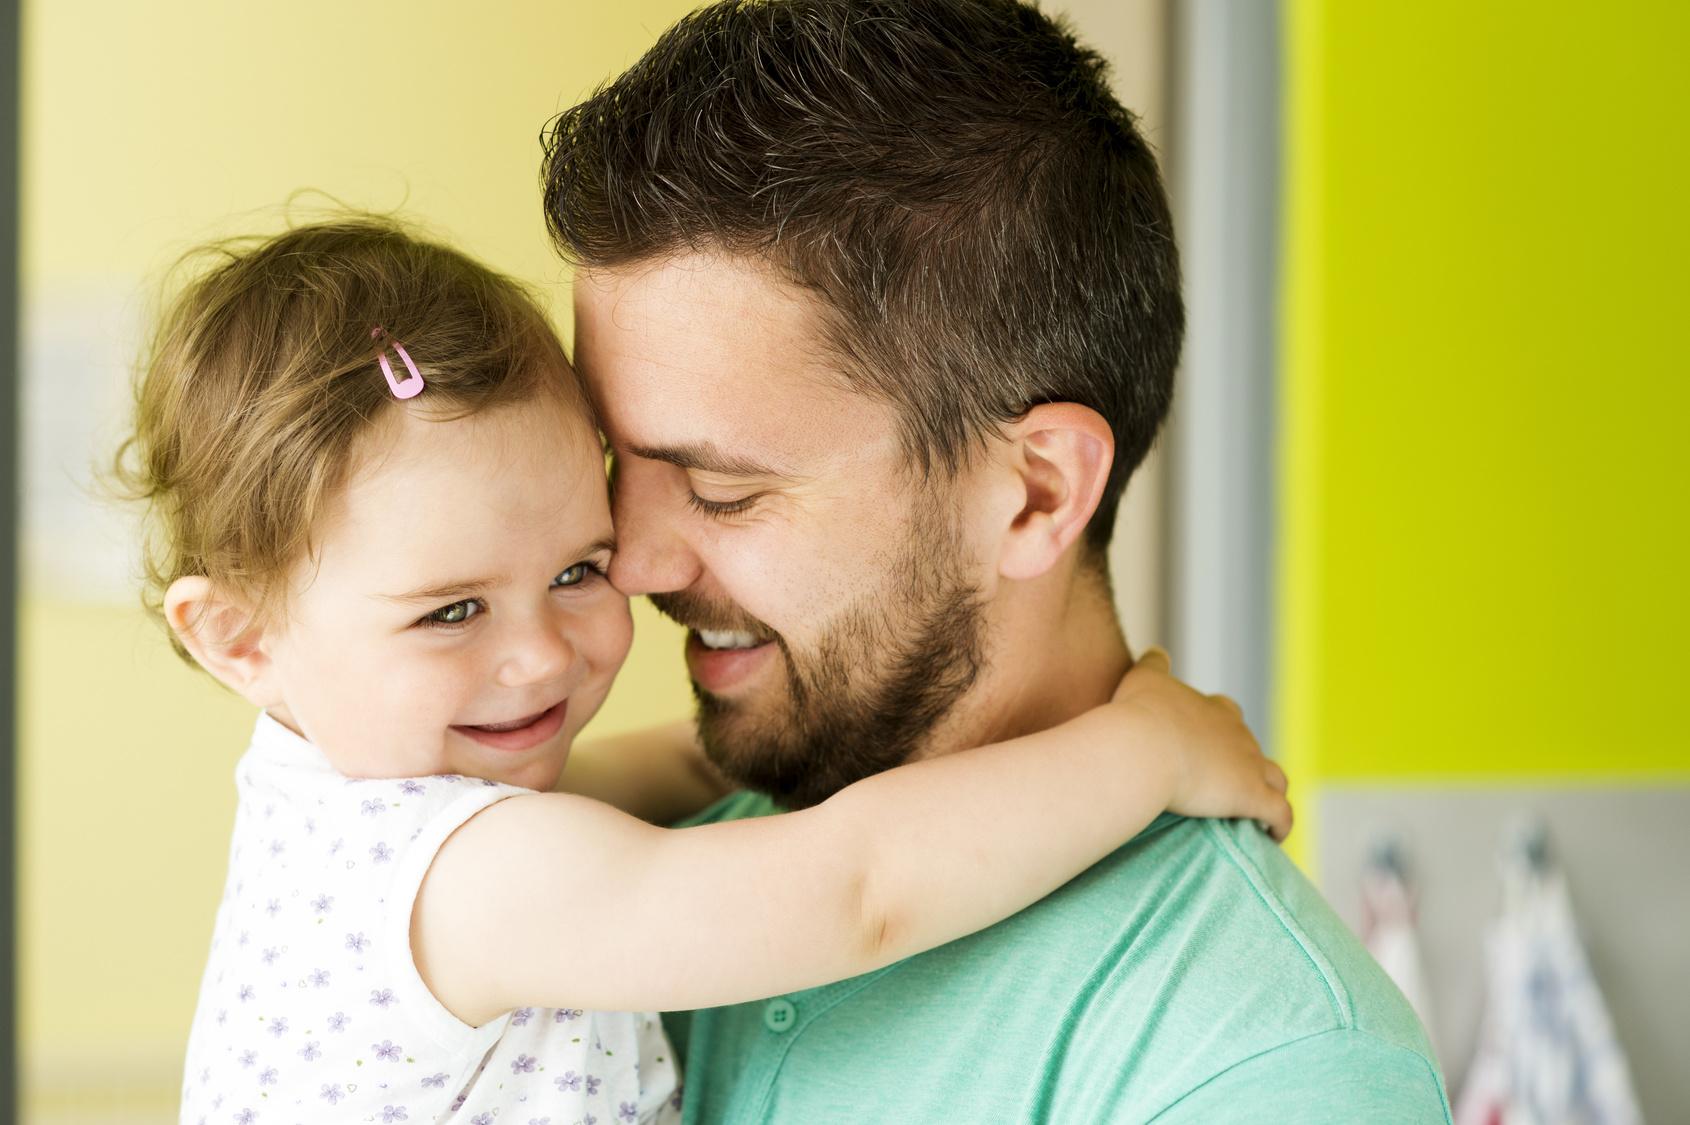 Sichere Bindung - Durch Körpernähe kann eine sichere Bindung zu dem Kind aufgebaut werden